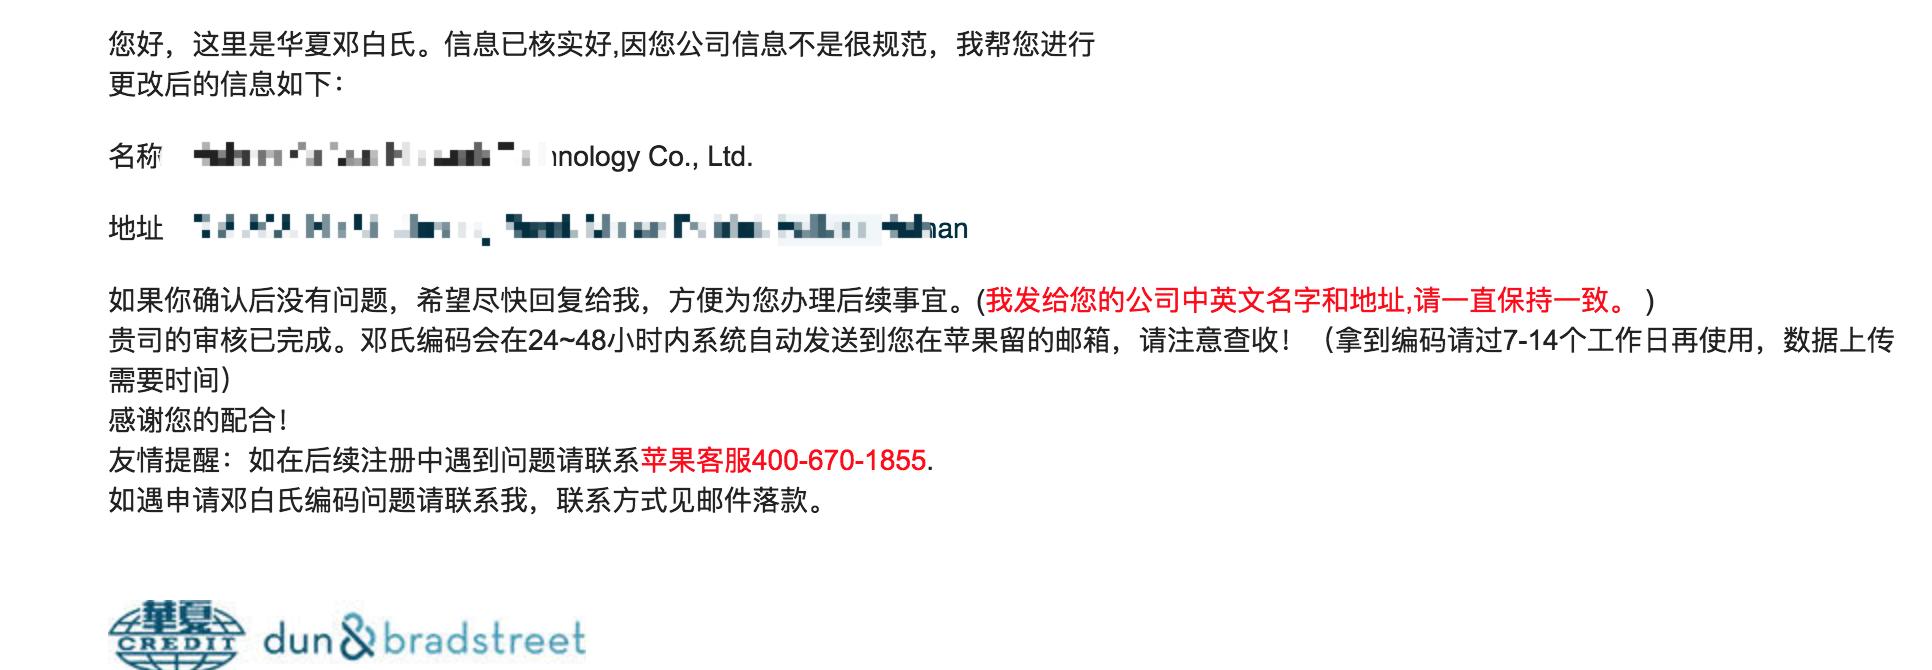 20180502-最新Apple开发者公司账号的申请过程(三)-邓白氏回复你电子邮件说你的审核过了